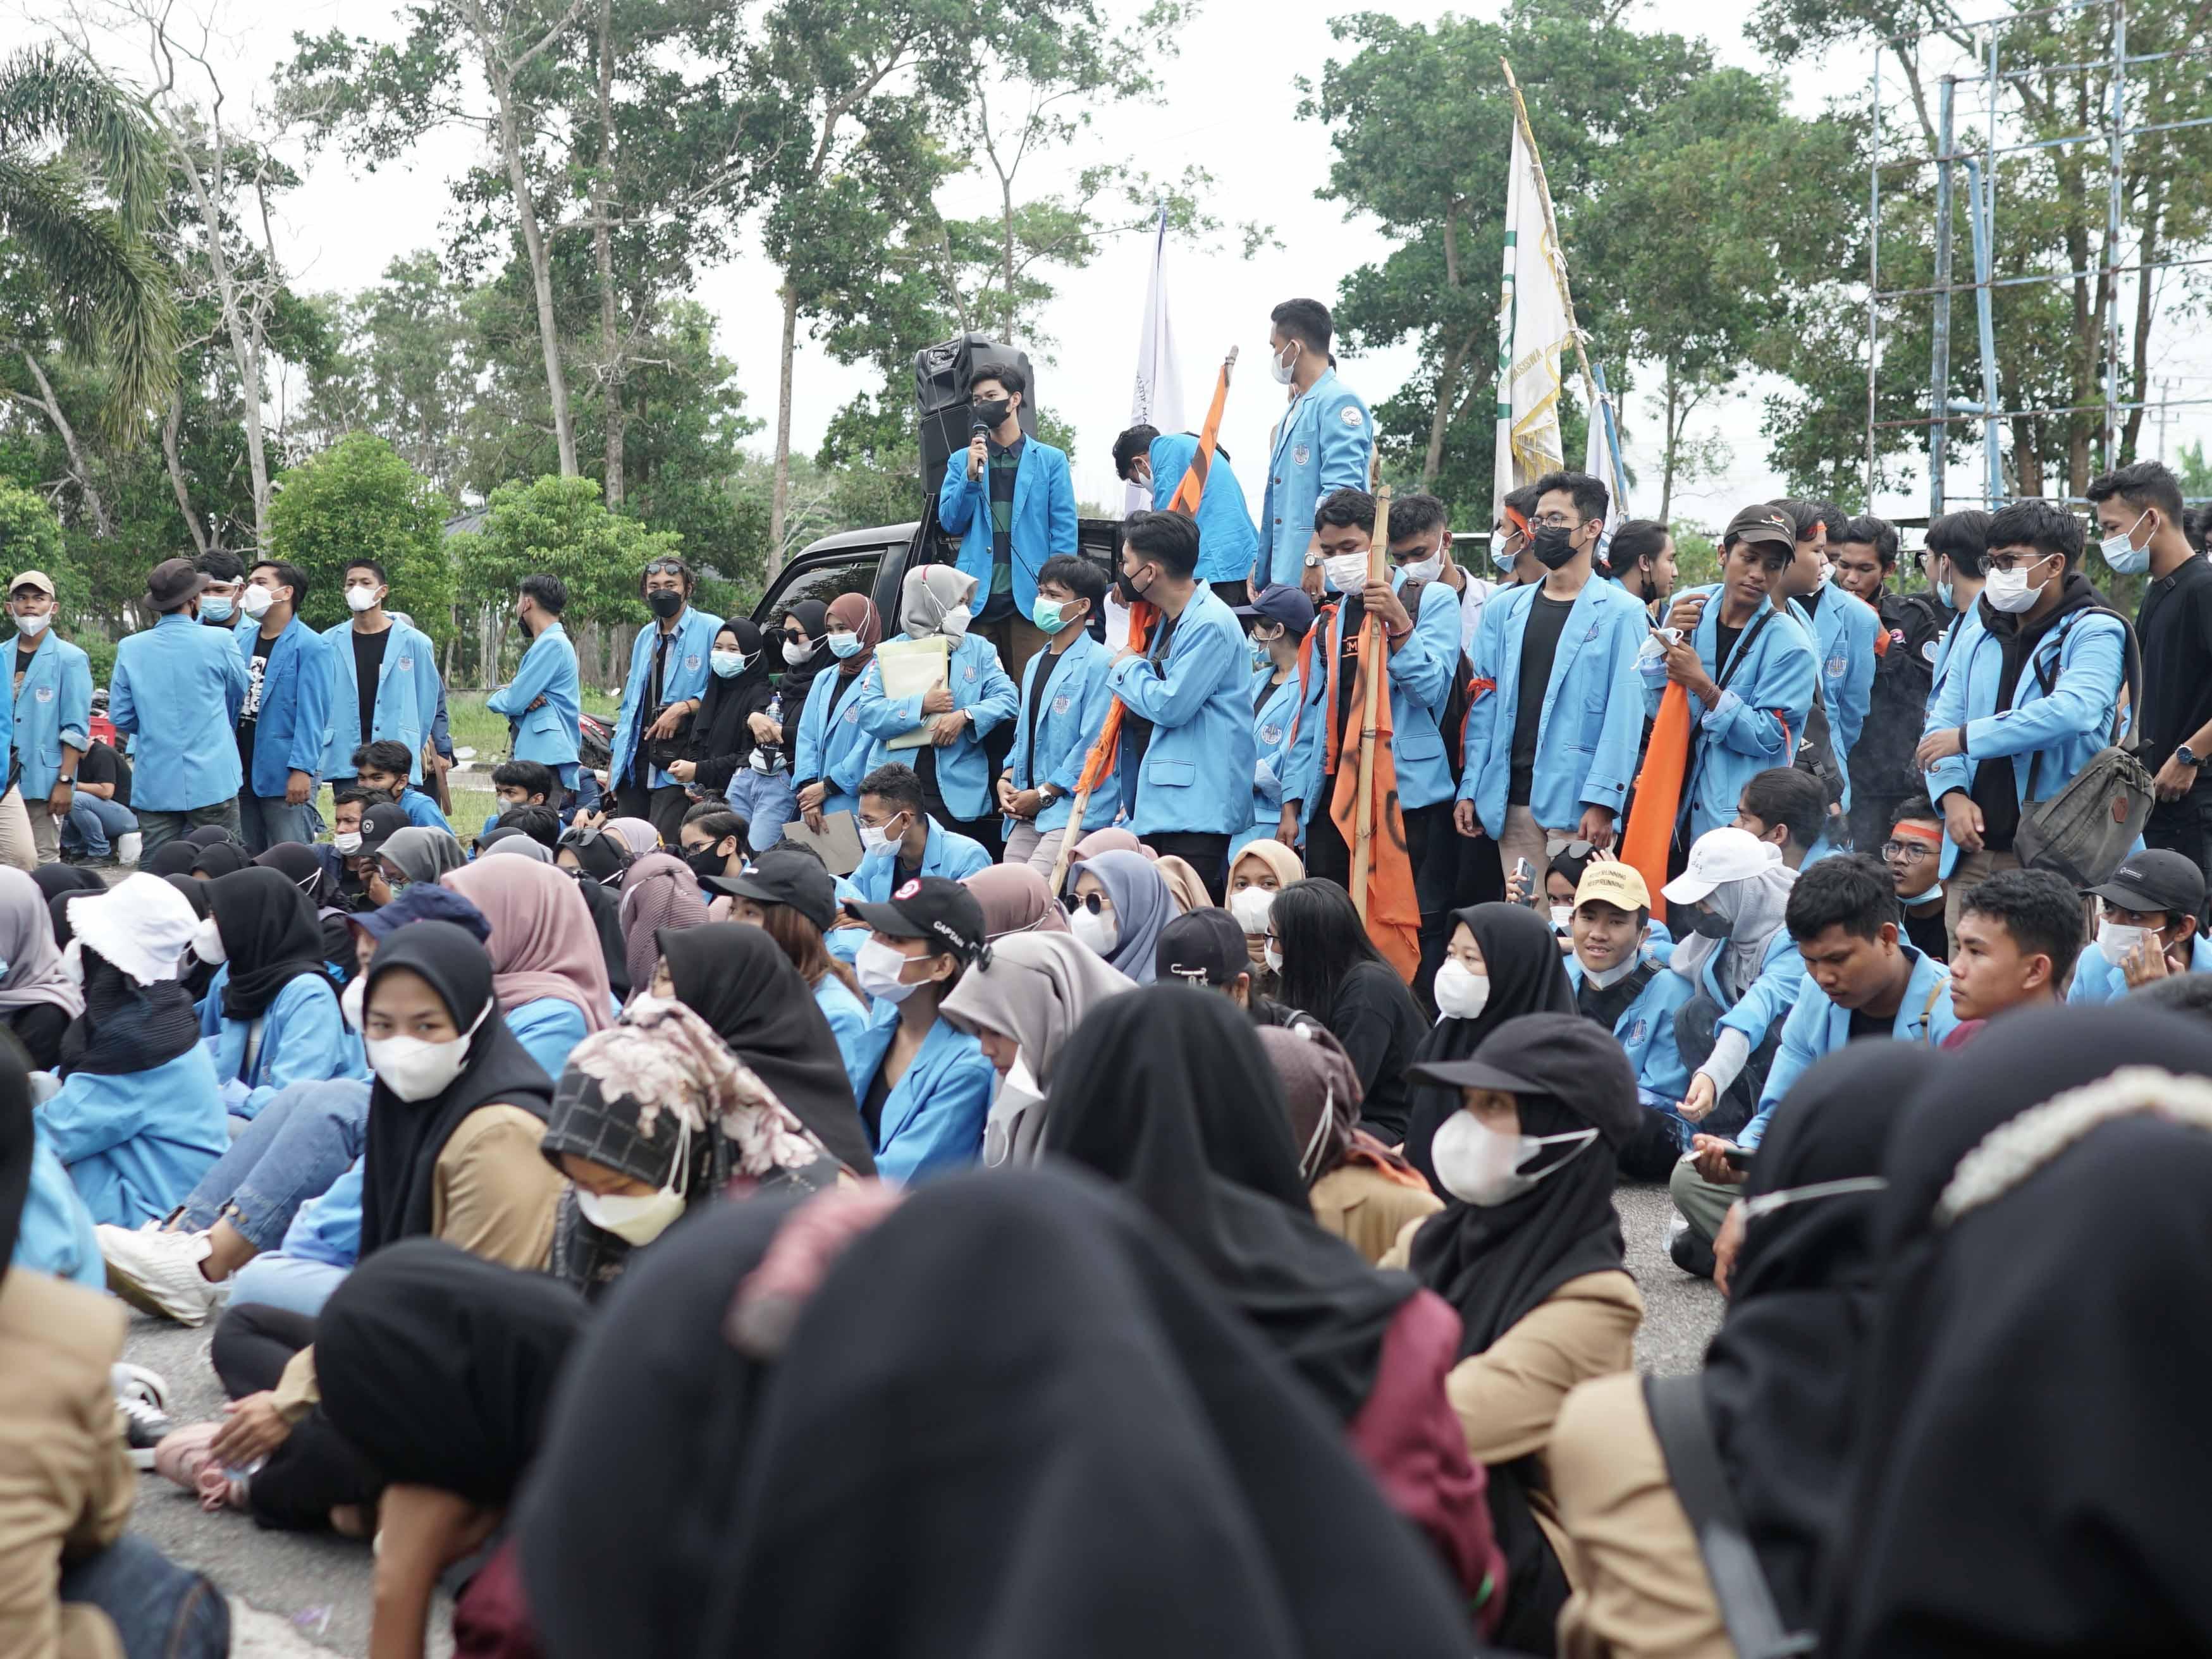 Ratusan Mahasiswa Babel Unjuk Rasa Menuntut Evaluasi Pemerintahan Jokowi-Ma'ruf